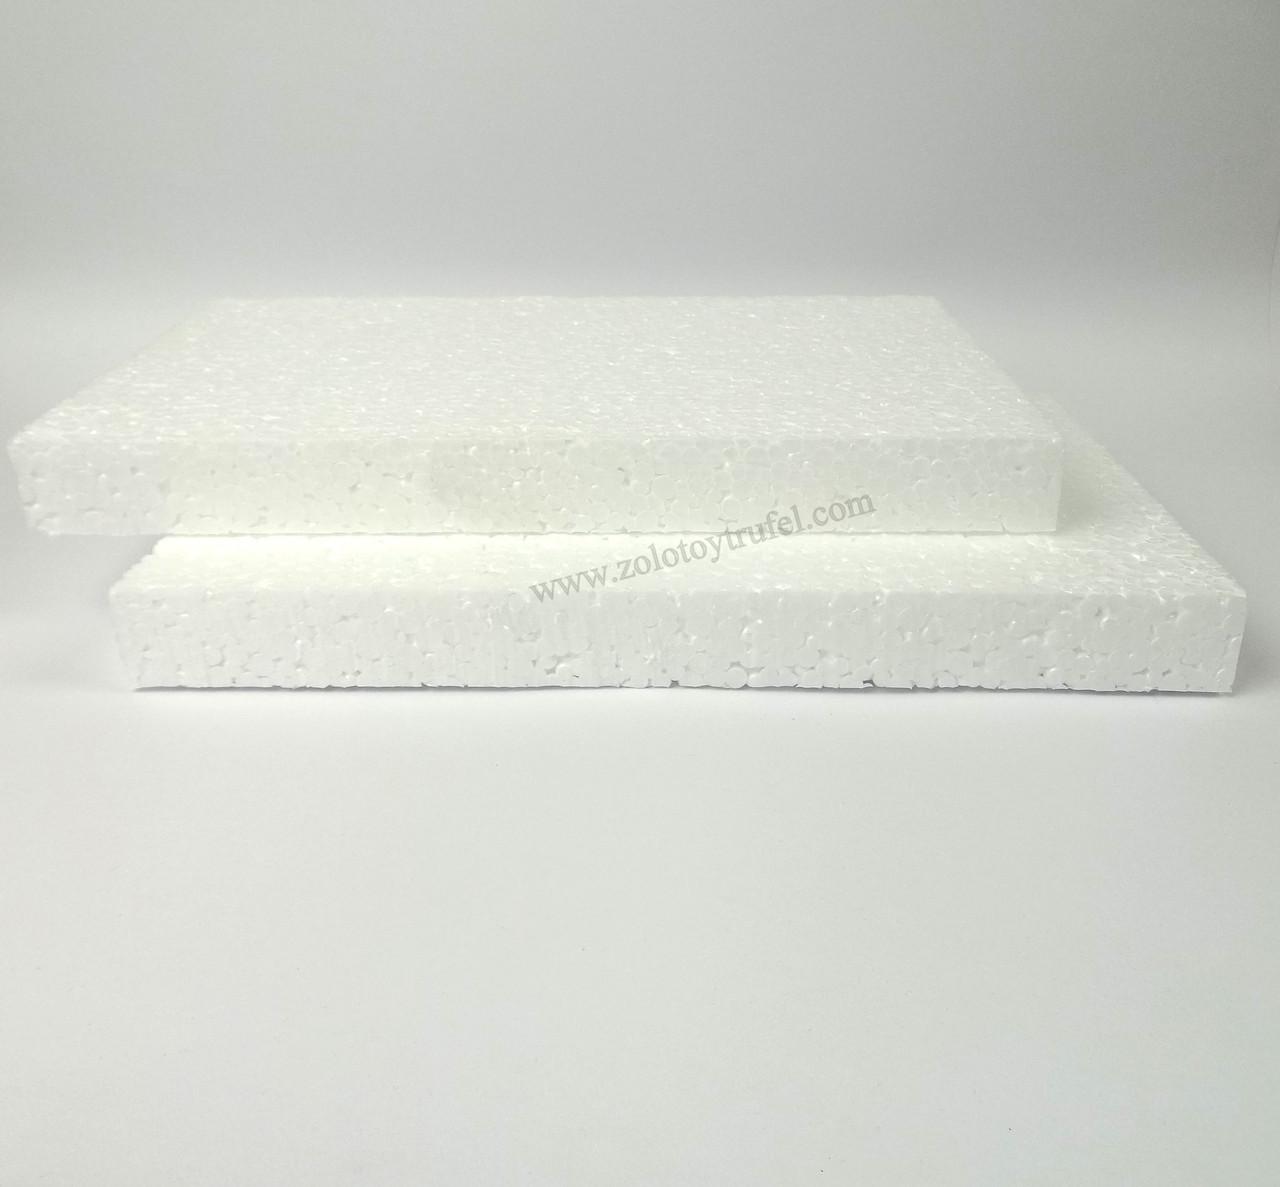 Прослойки пенопластовые для торта 35*45 см h 3 см